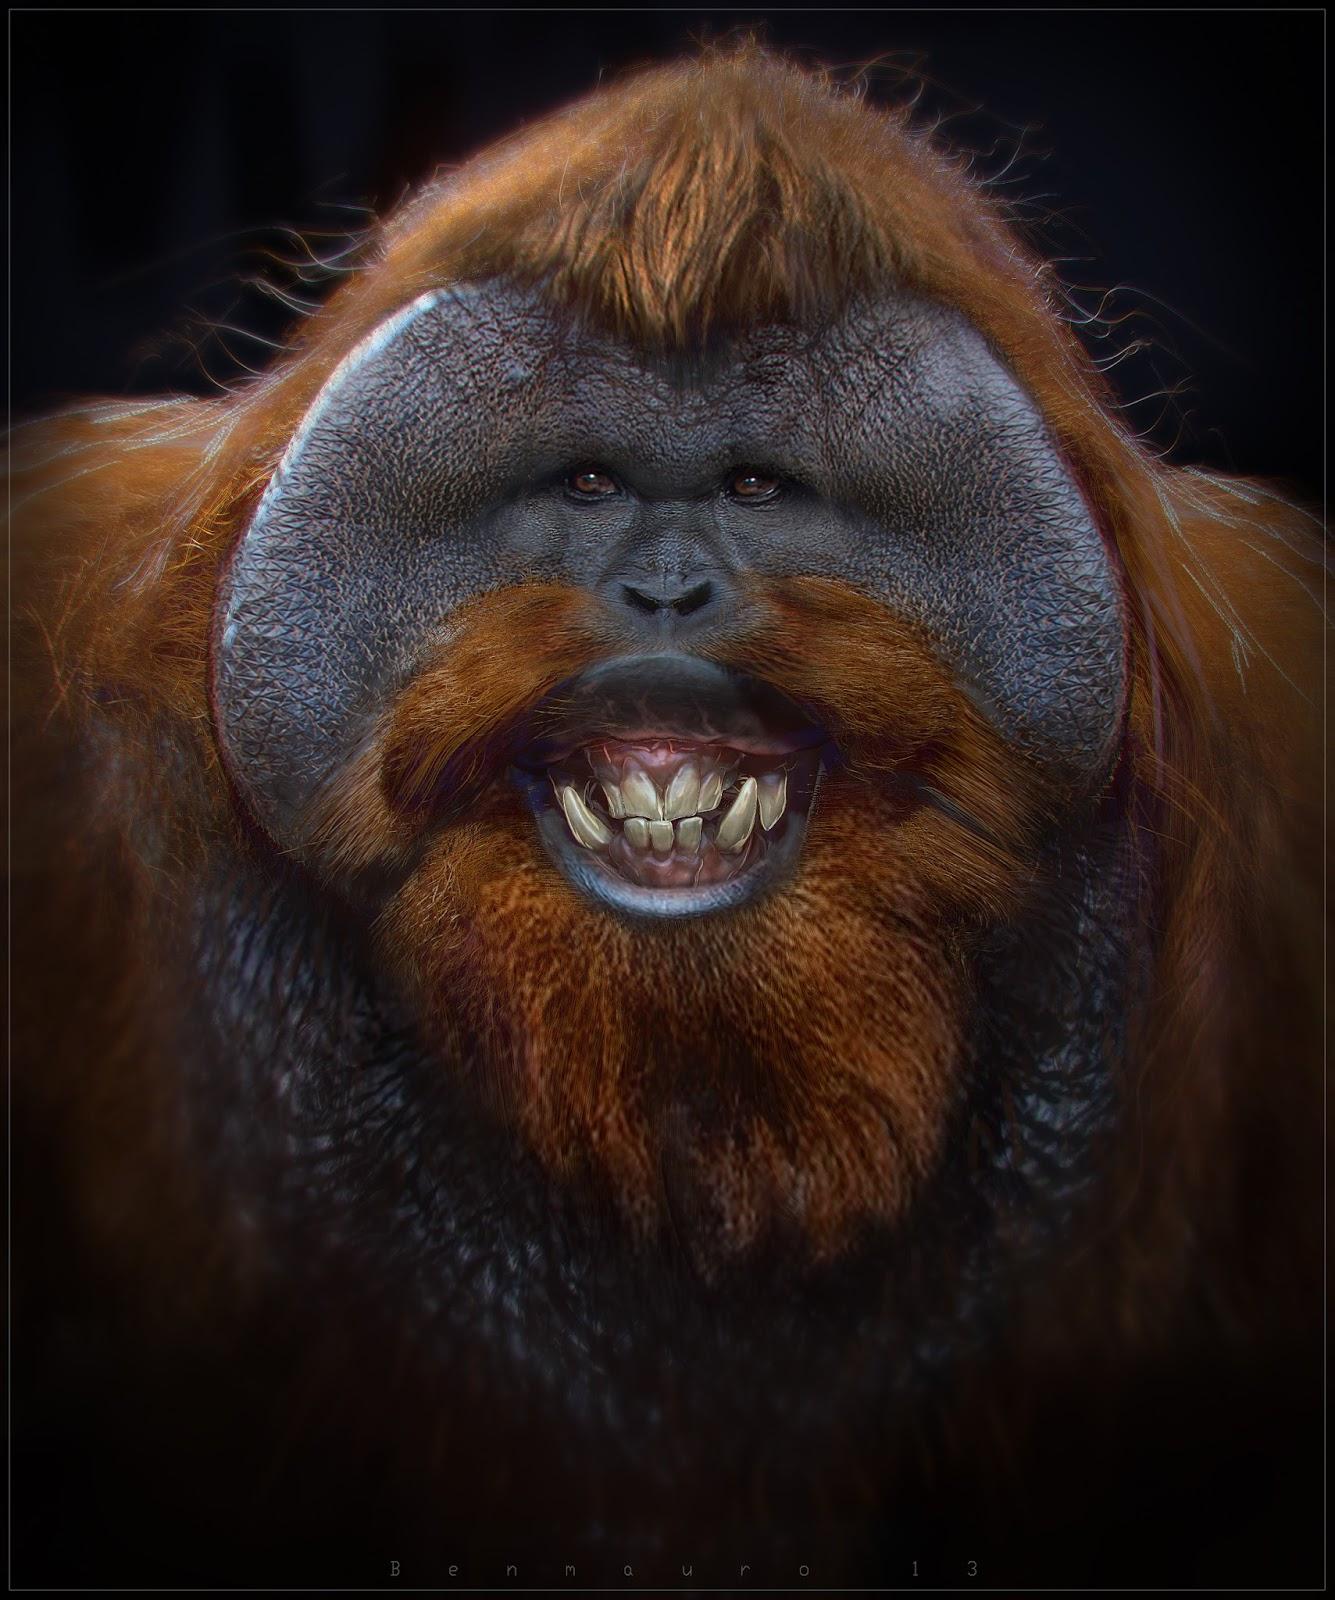 orangutan by benmauro on deviantart